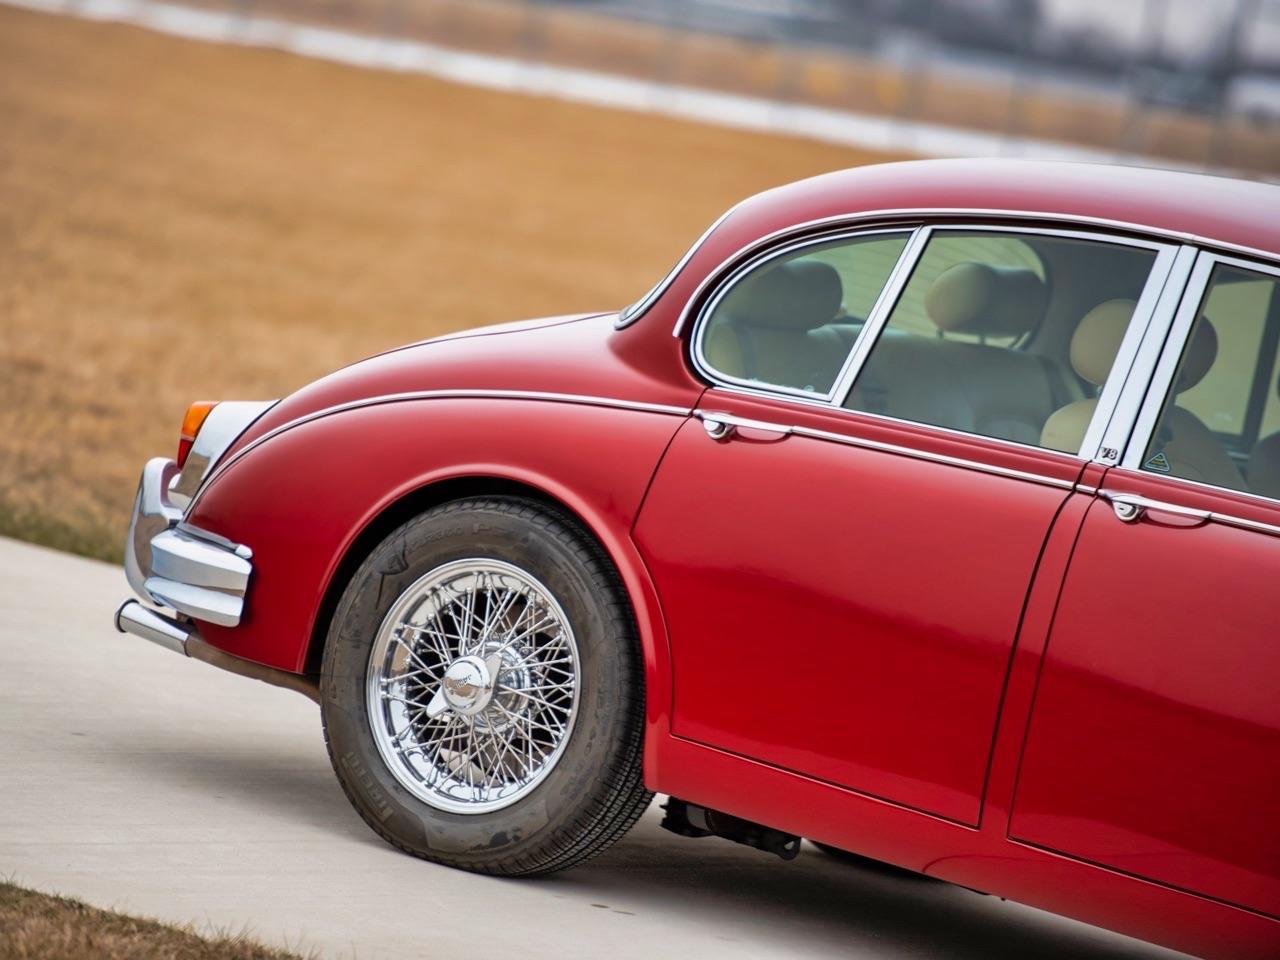 Restomod Jaguar Mk2 3.8... enfin, plutôt Beacham V8 Supercharged ! 13